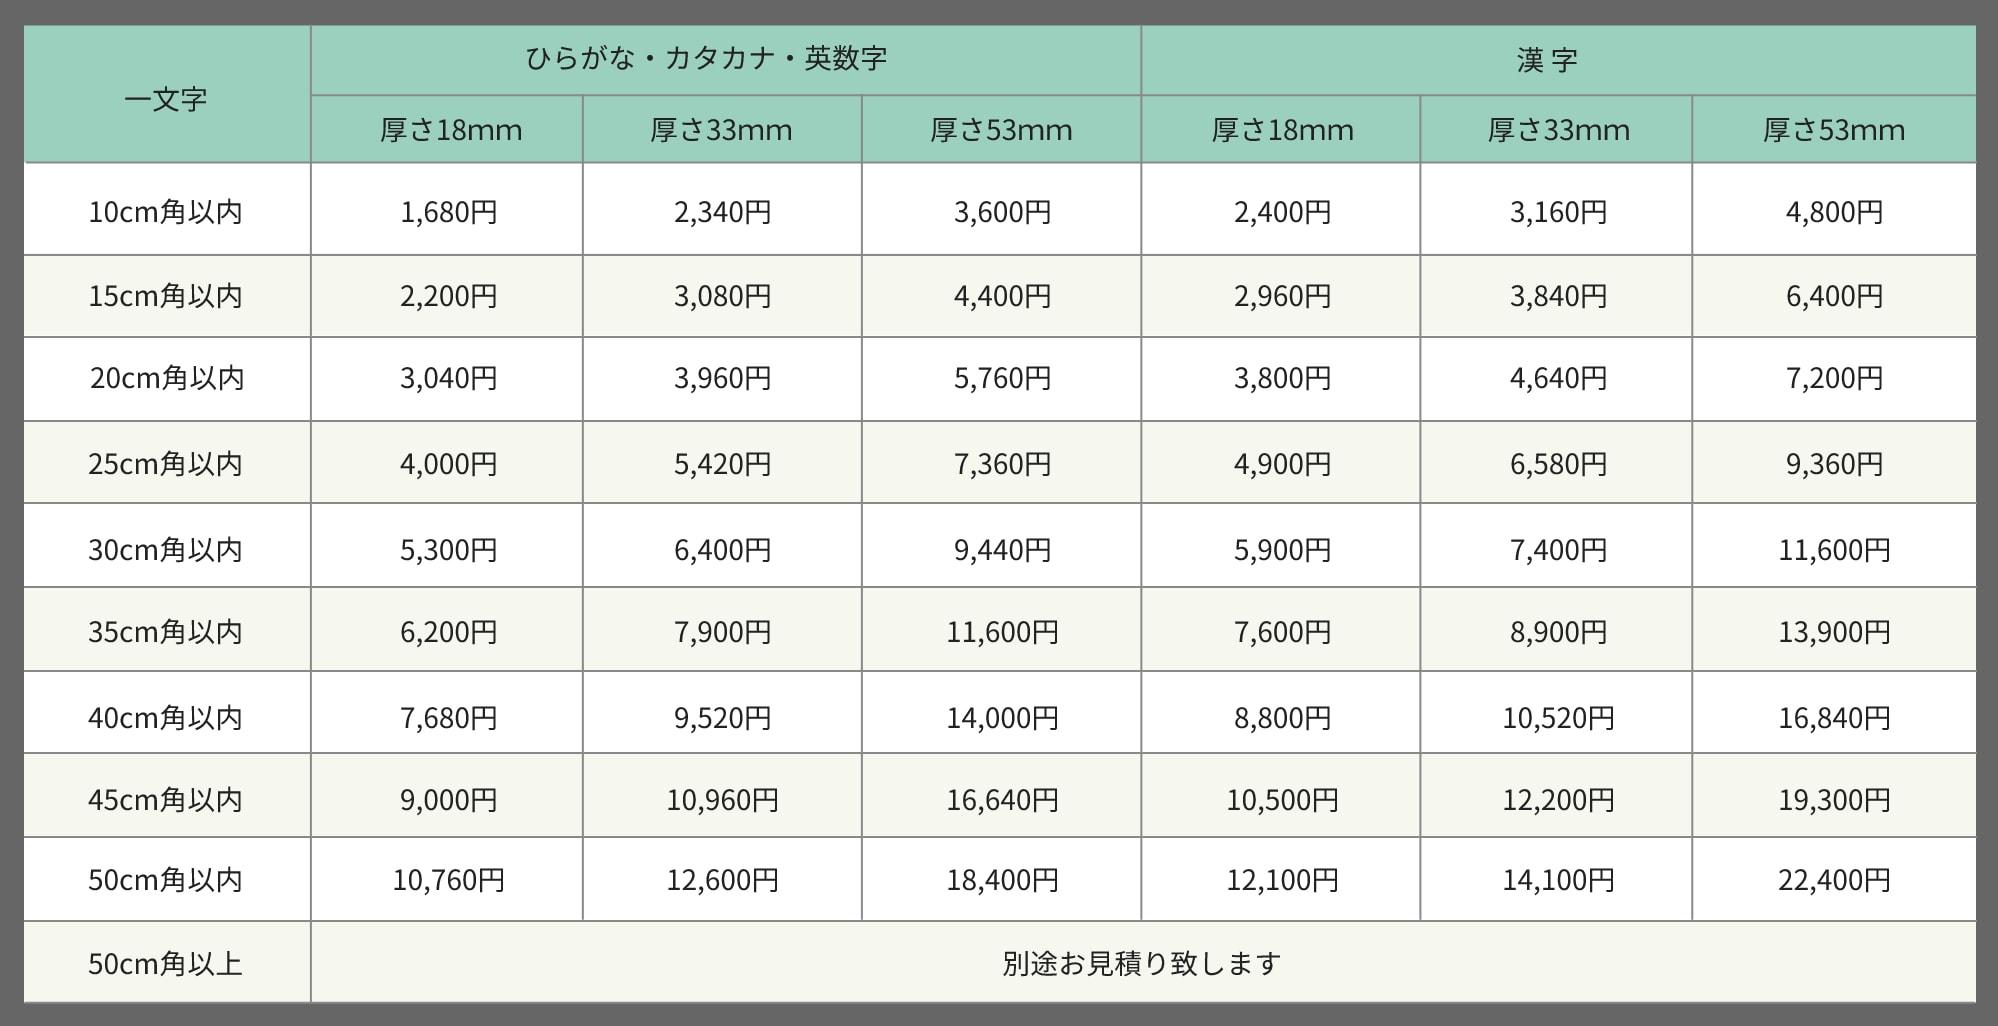 滋賀県で看板デザインをするピーナッツアートの白カルプ料金表